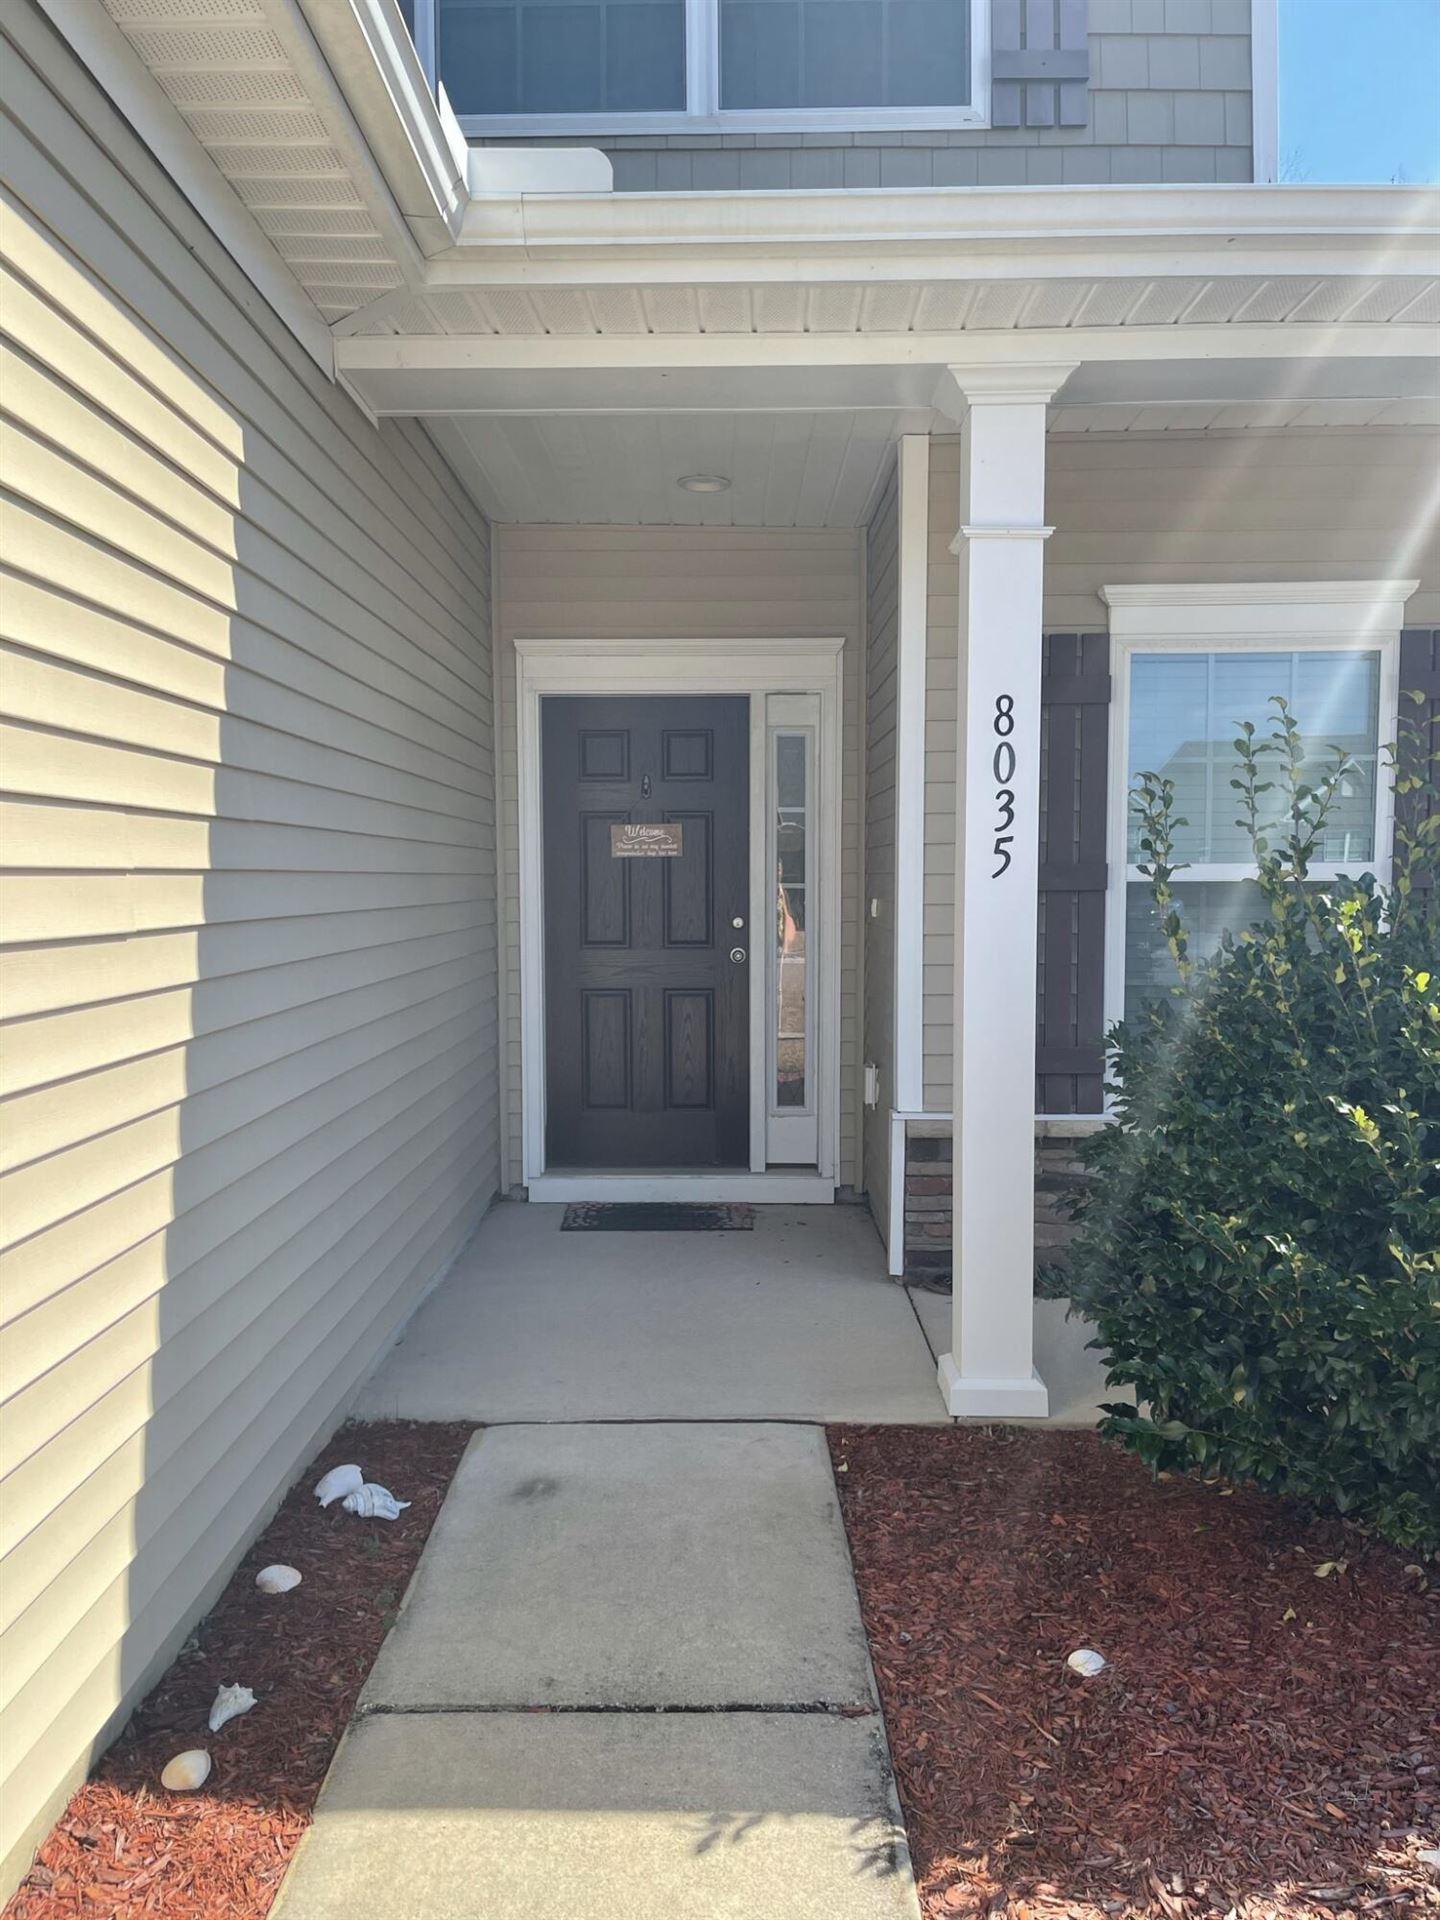 Photo of 8035 Mckayla Road, Summerville, SC 29483 (MLS # 21005364)